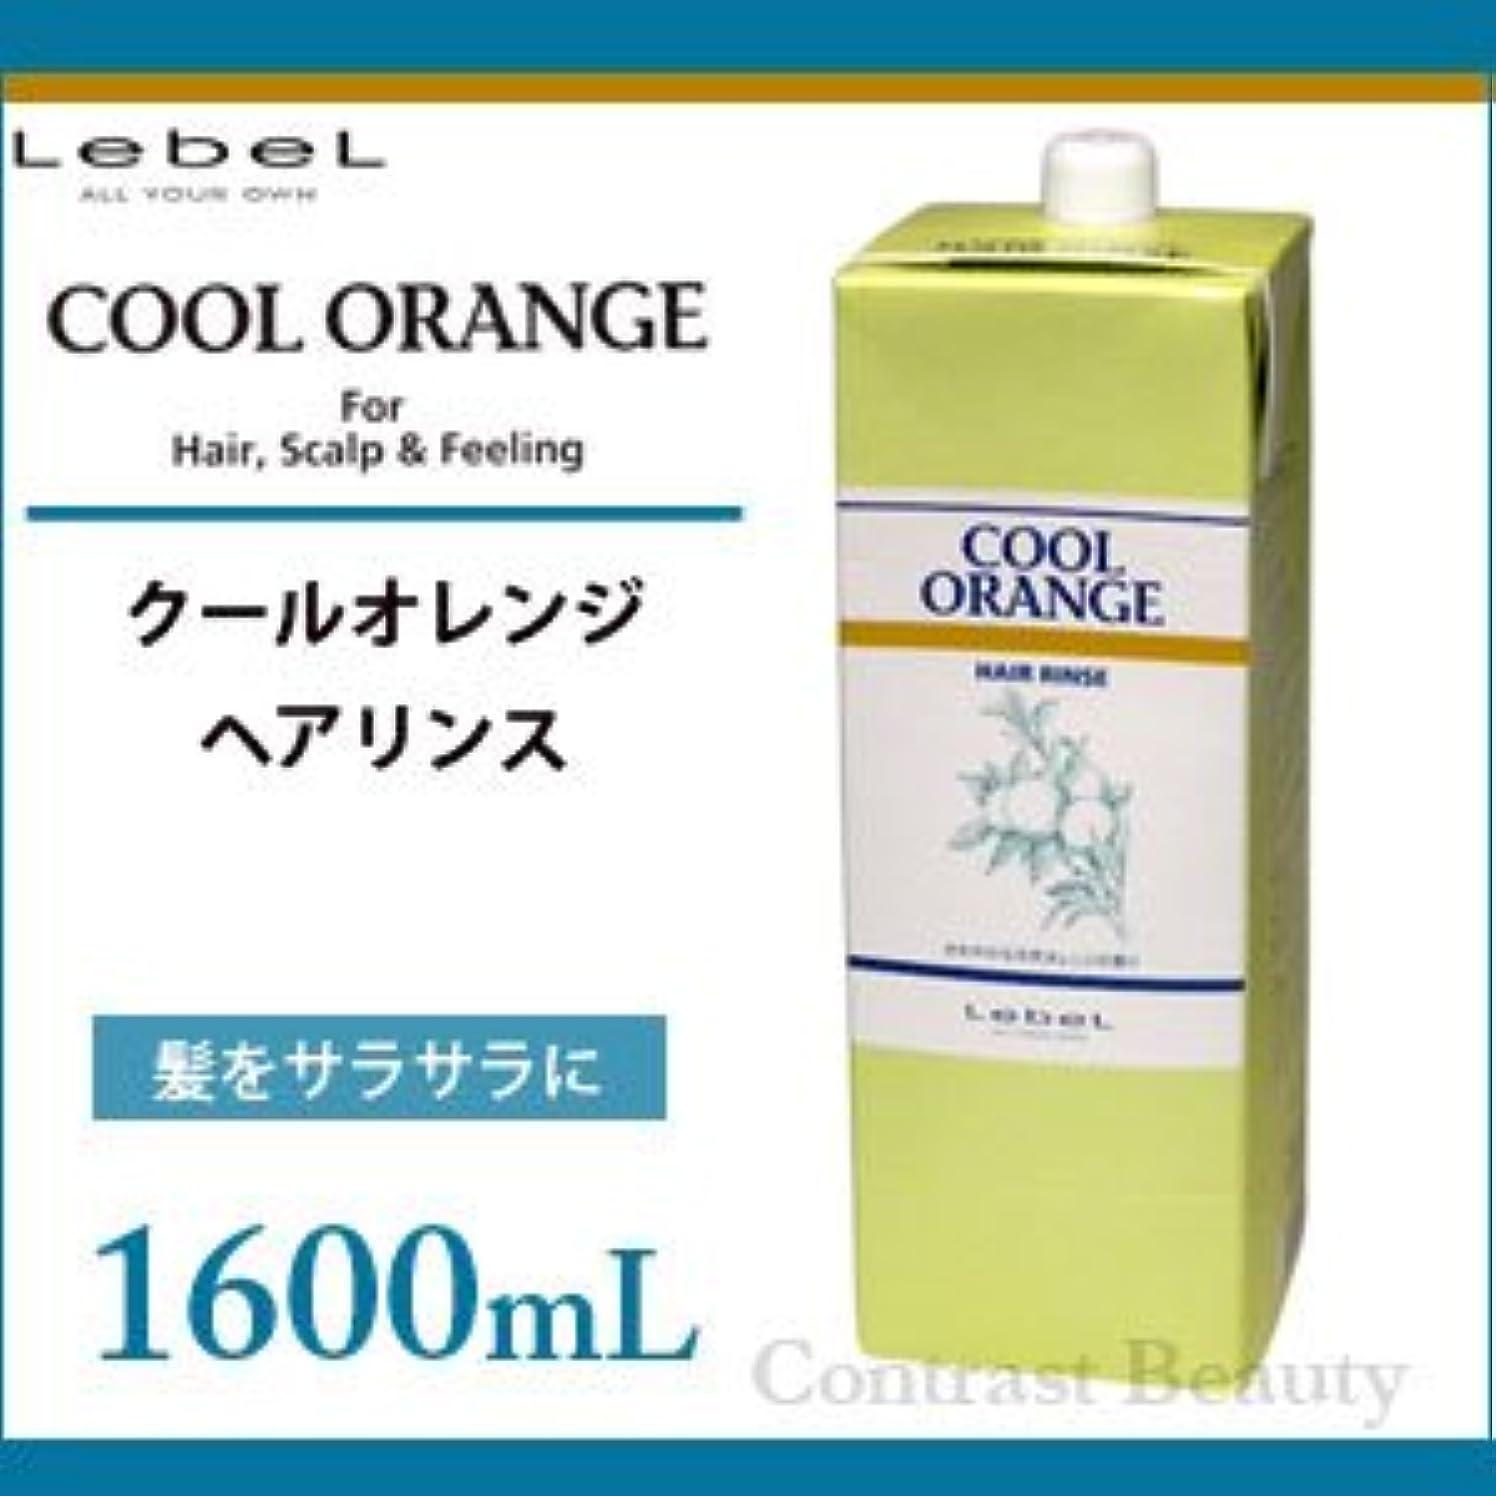 飲み込む微弱チャンバー【X2個セット】 ルベル クールオレンジ ヘアリンス 1600ml